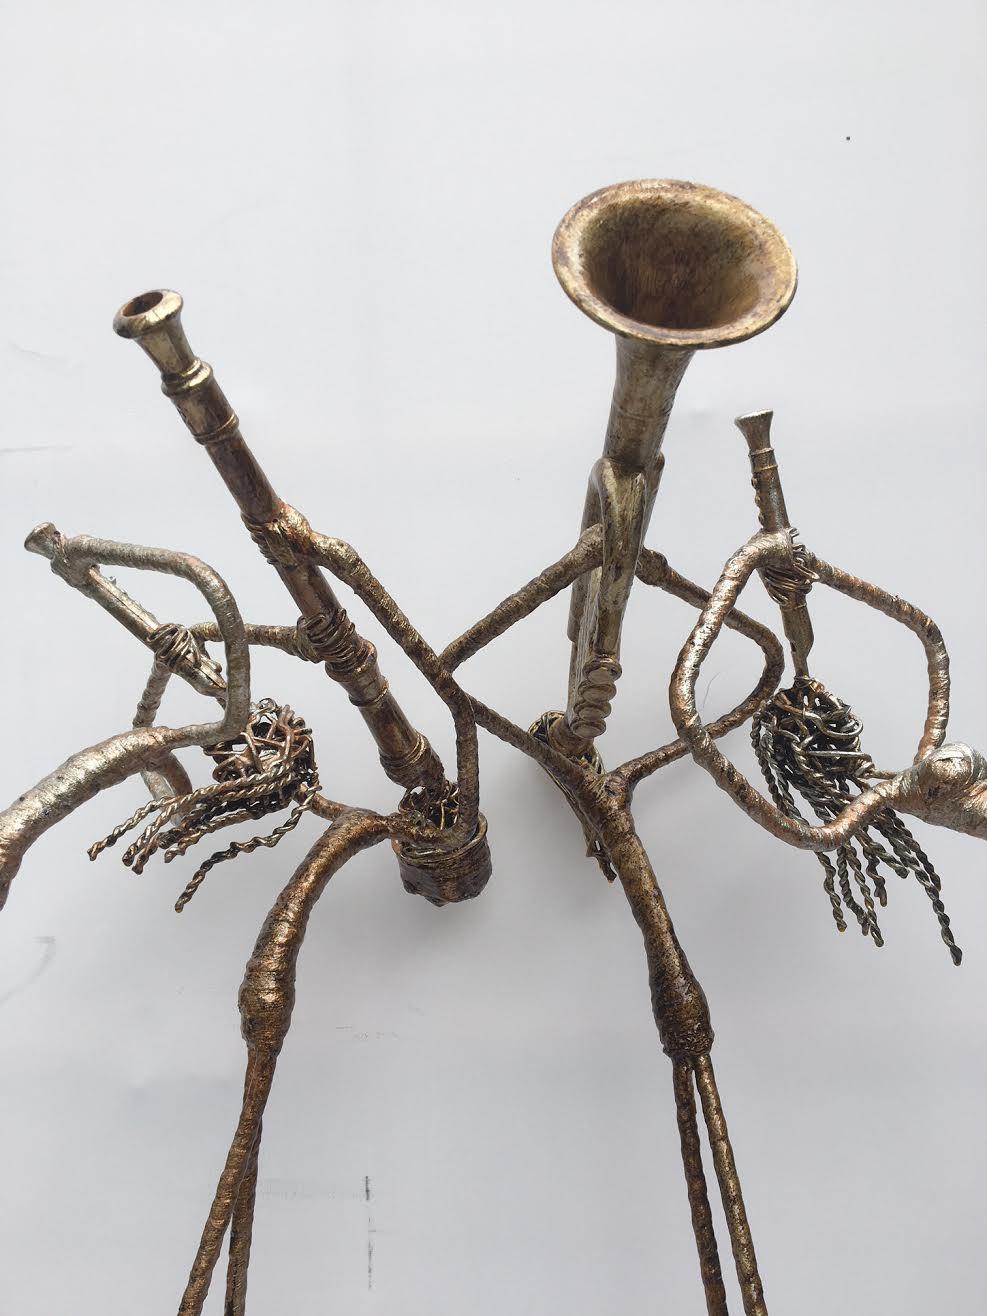 4 figures blowing horns